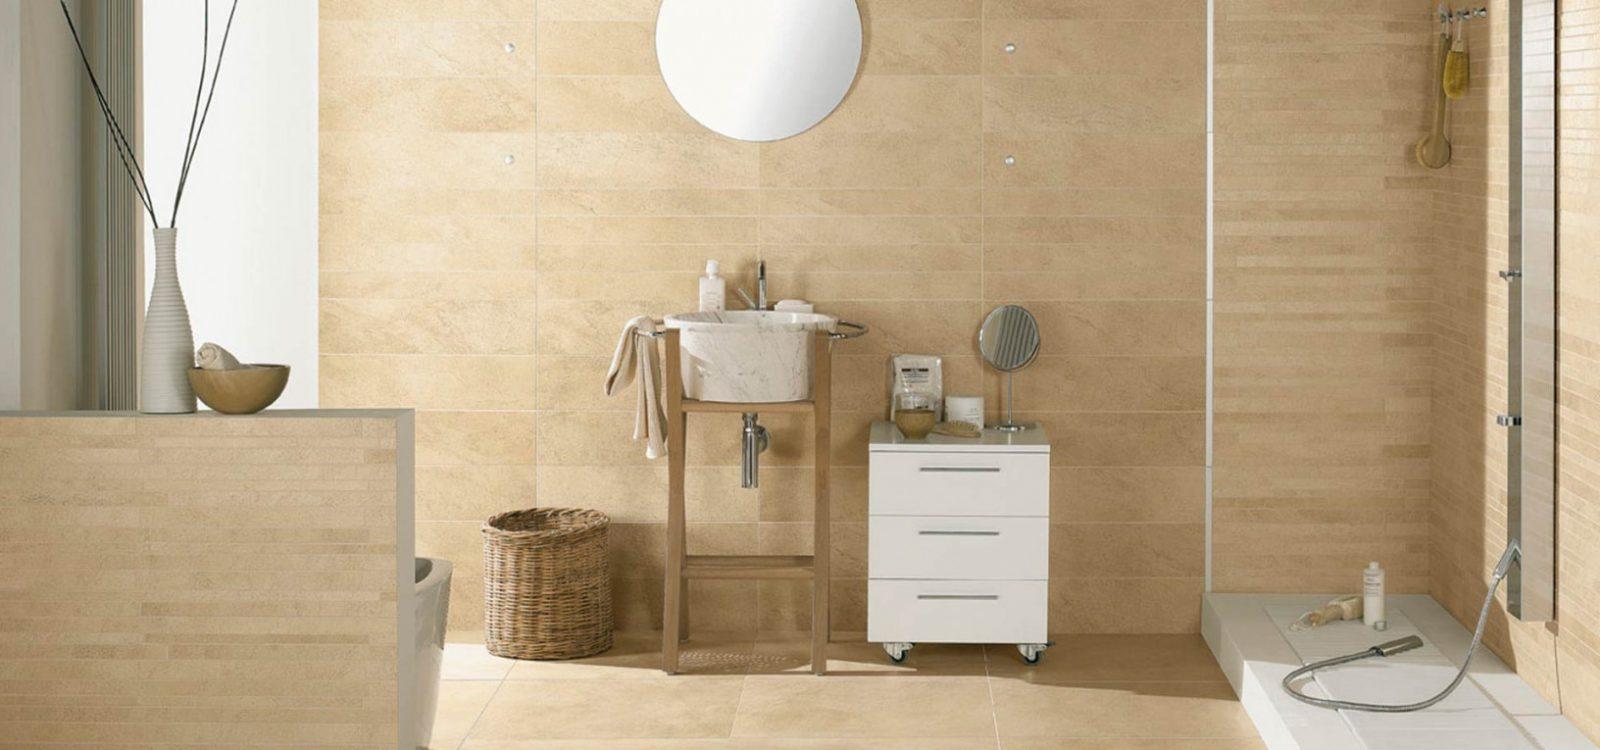 Fliesen von Badezimmer Fliesen Ausstellung Bild